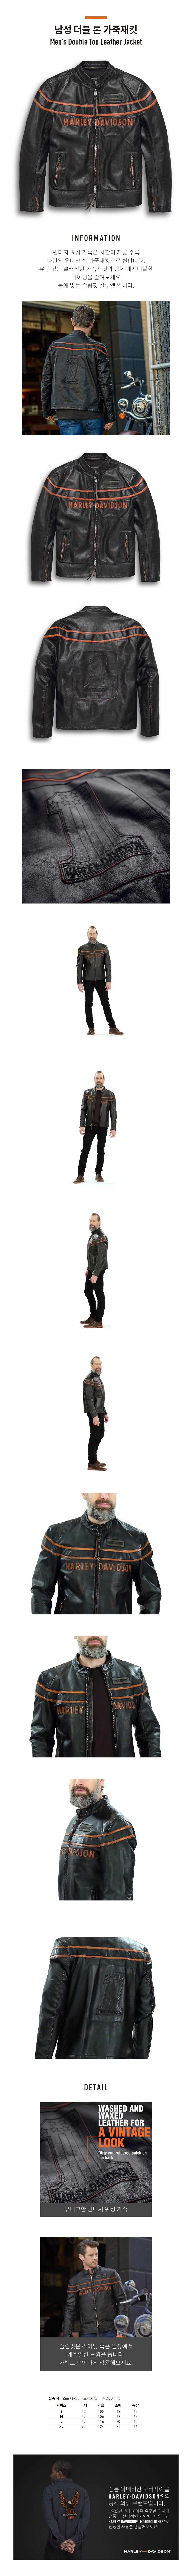 남성 더블 톤 가죽재킷